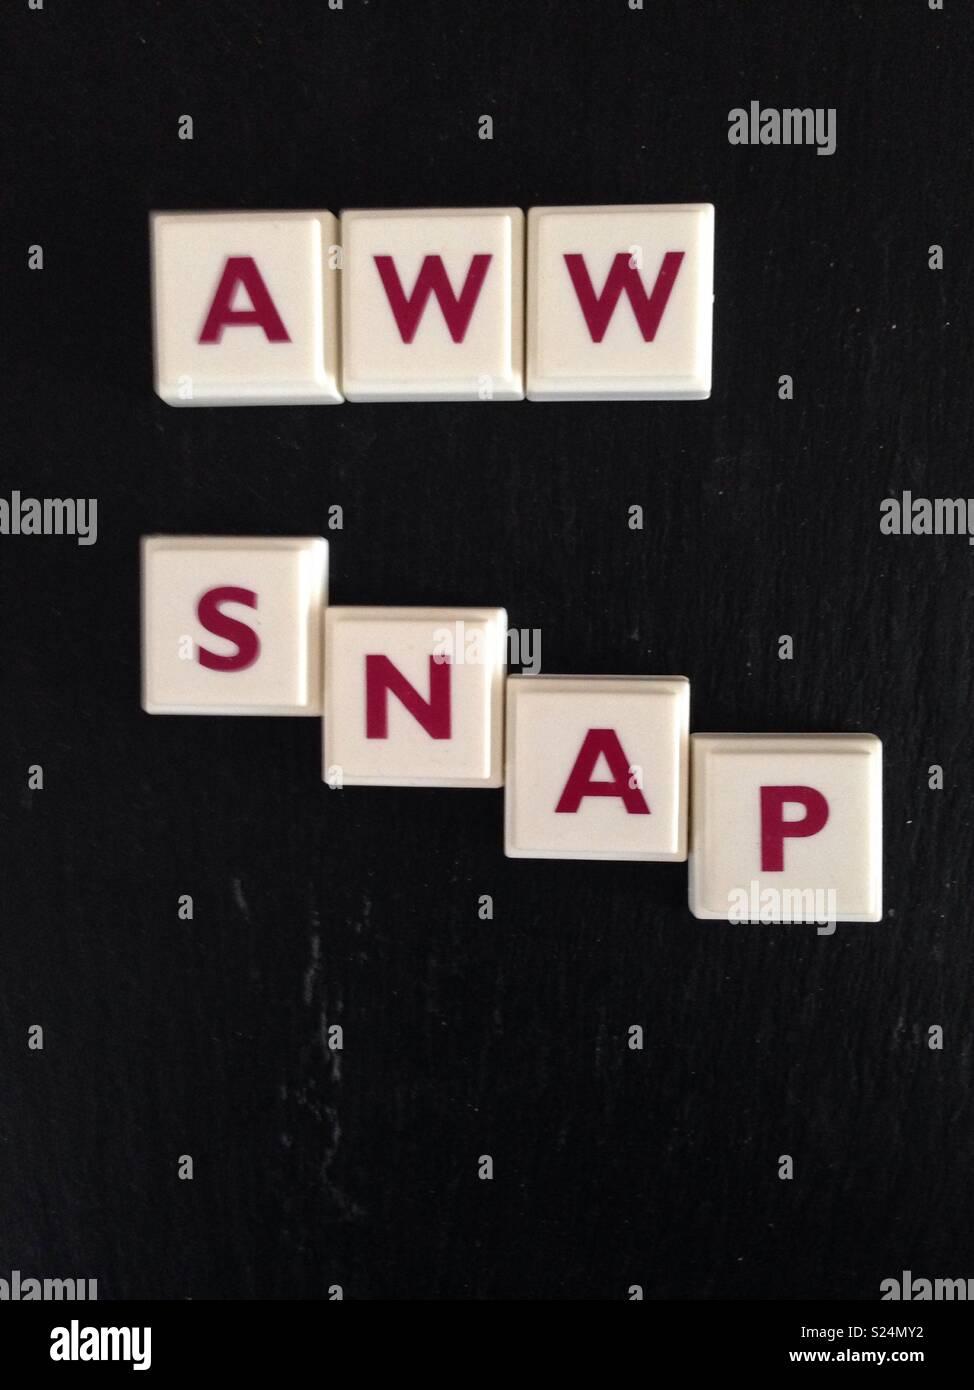 Aww snap scritto nella lettera di piastrelle Immagini Stock